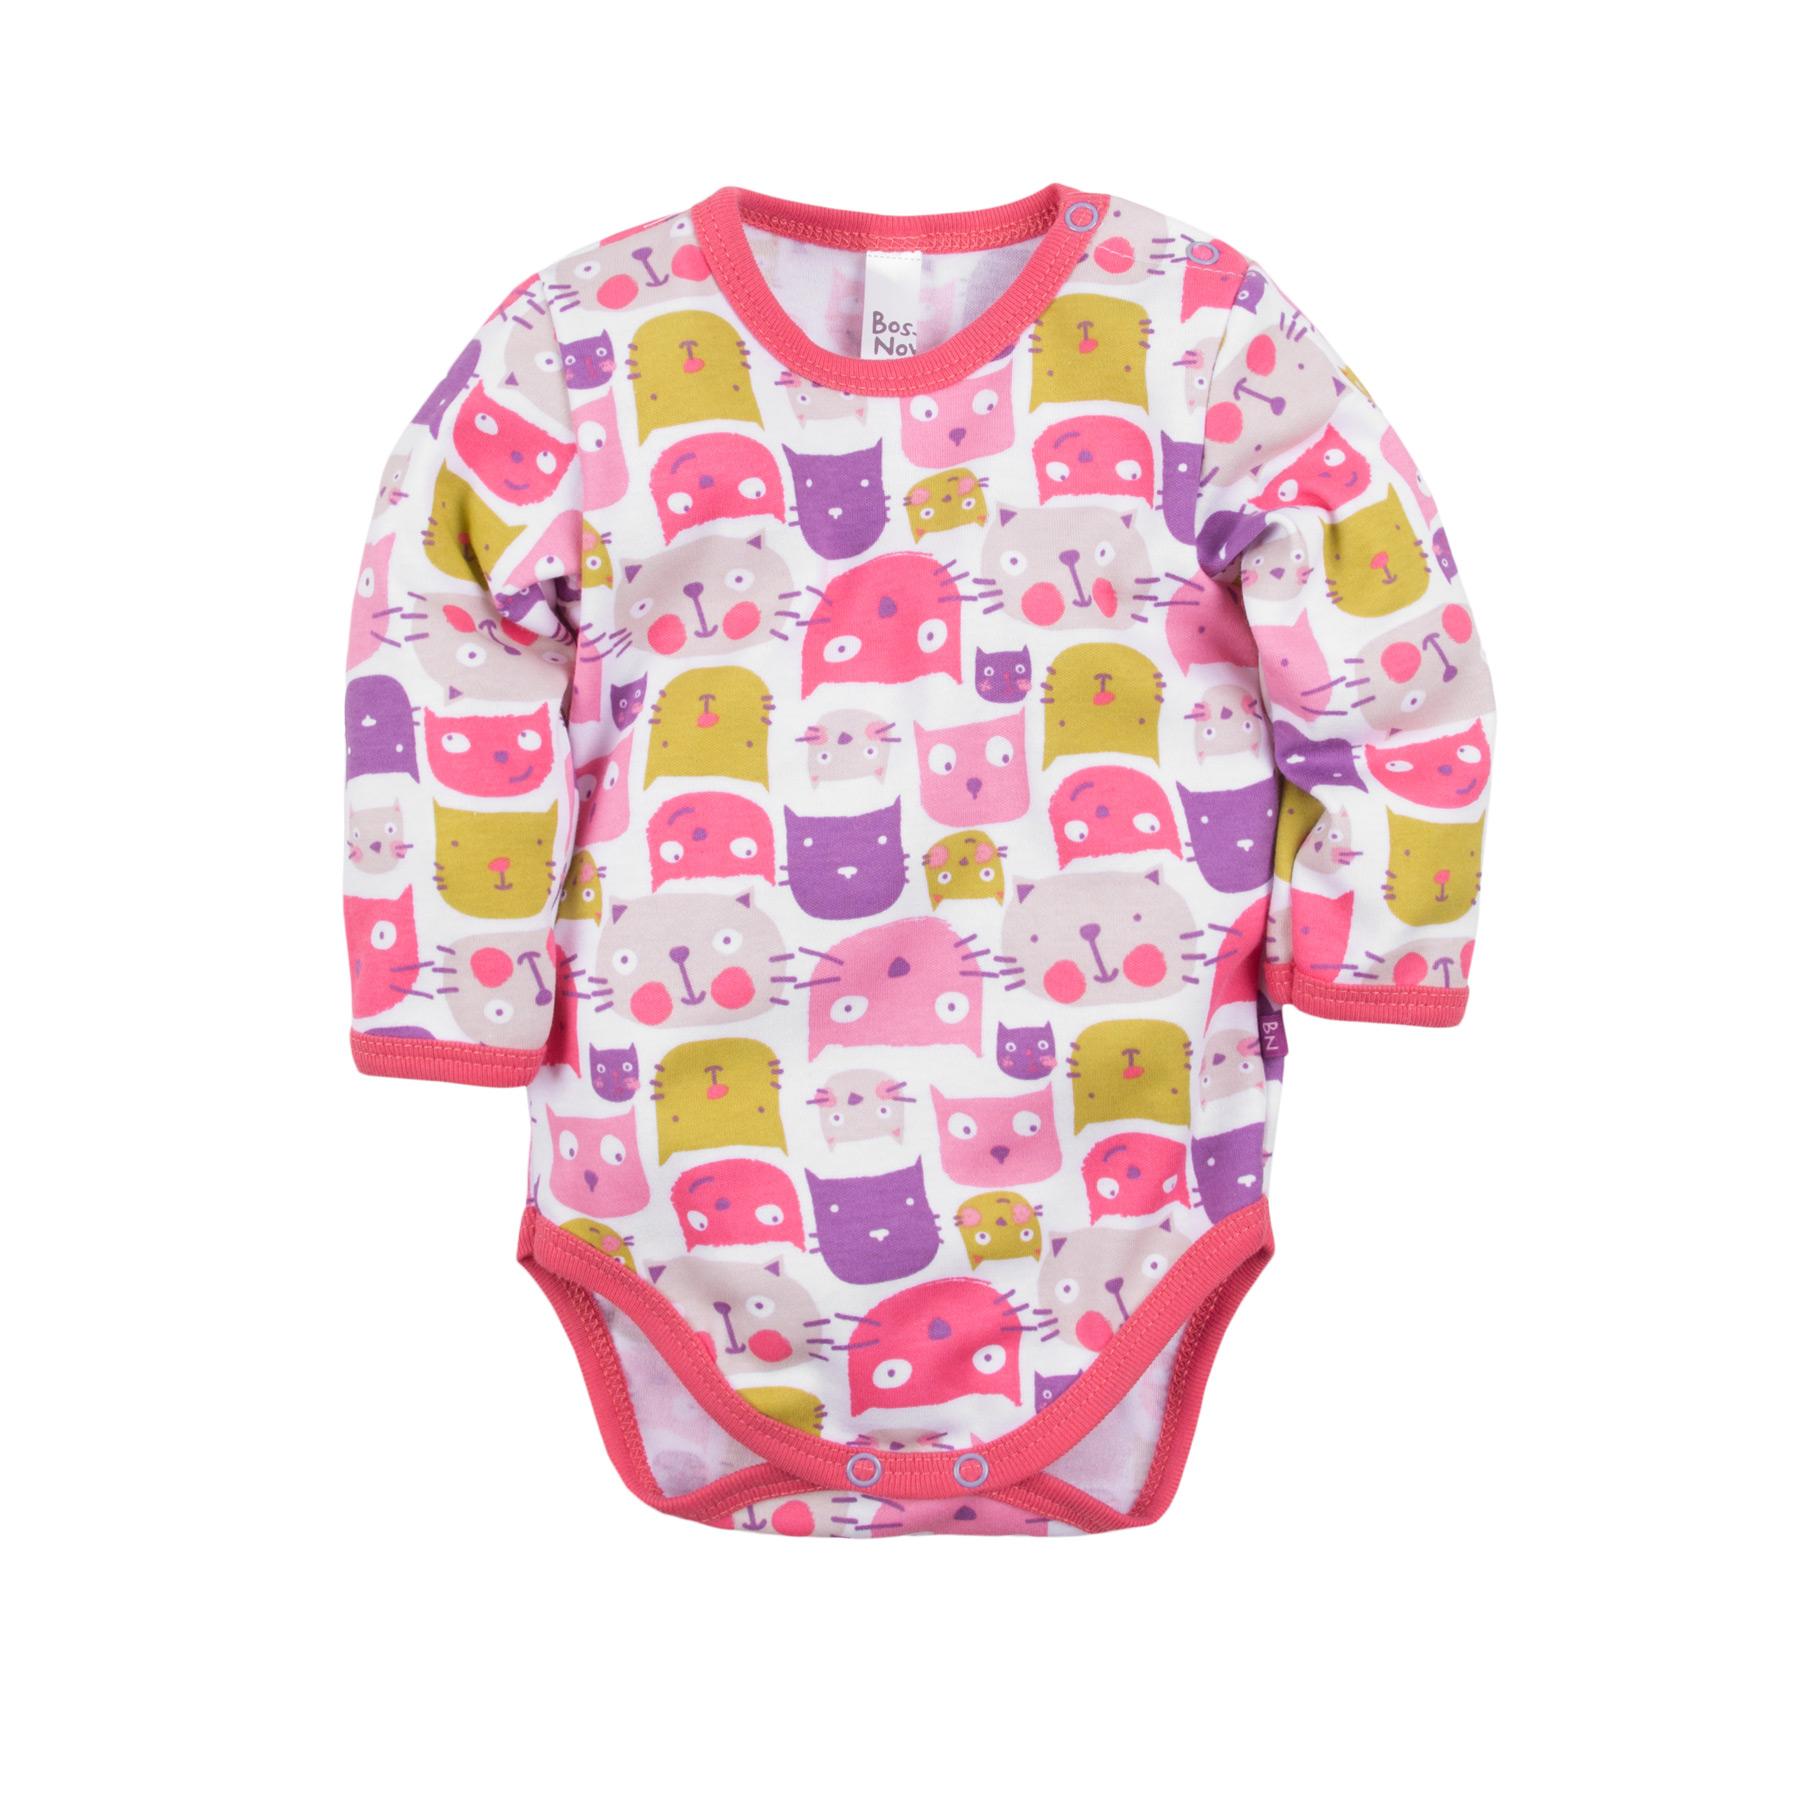 боди платье для новорожденных оптом москва